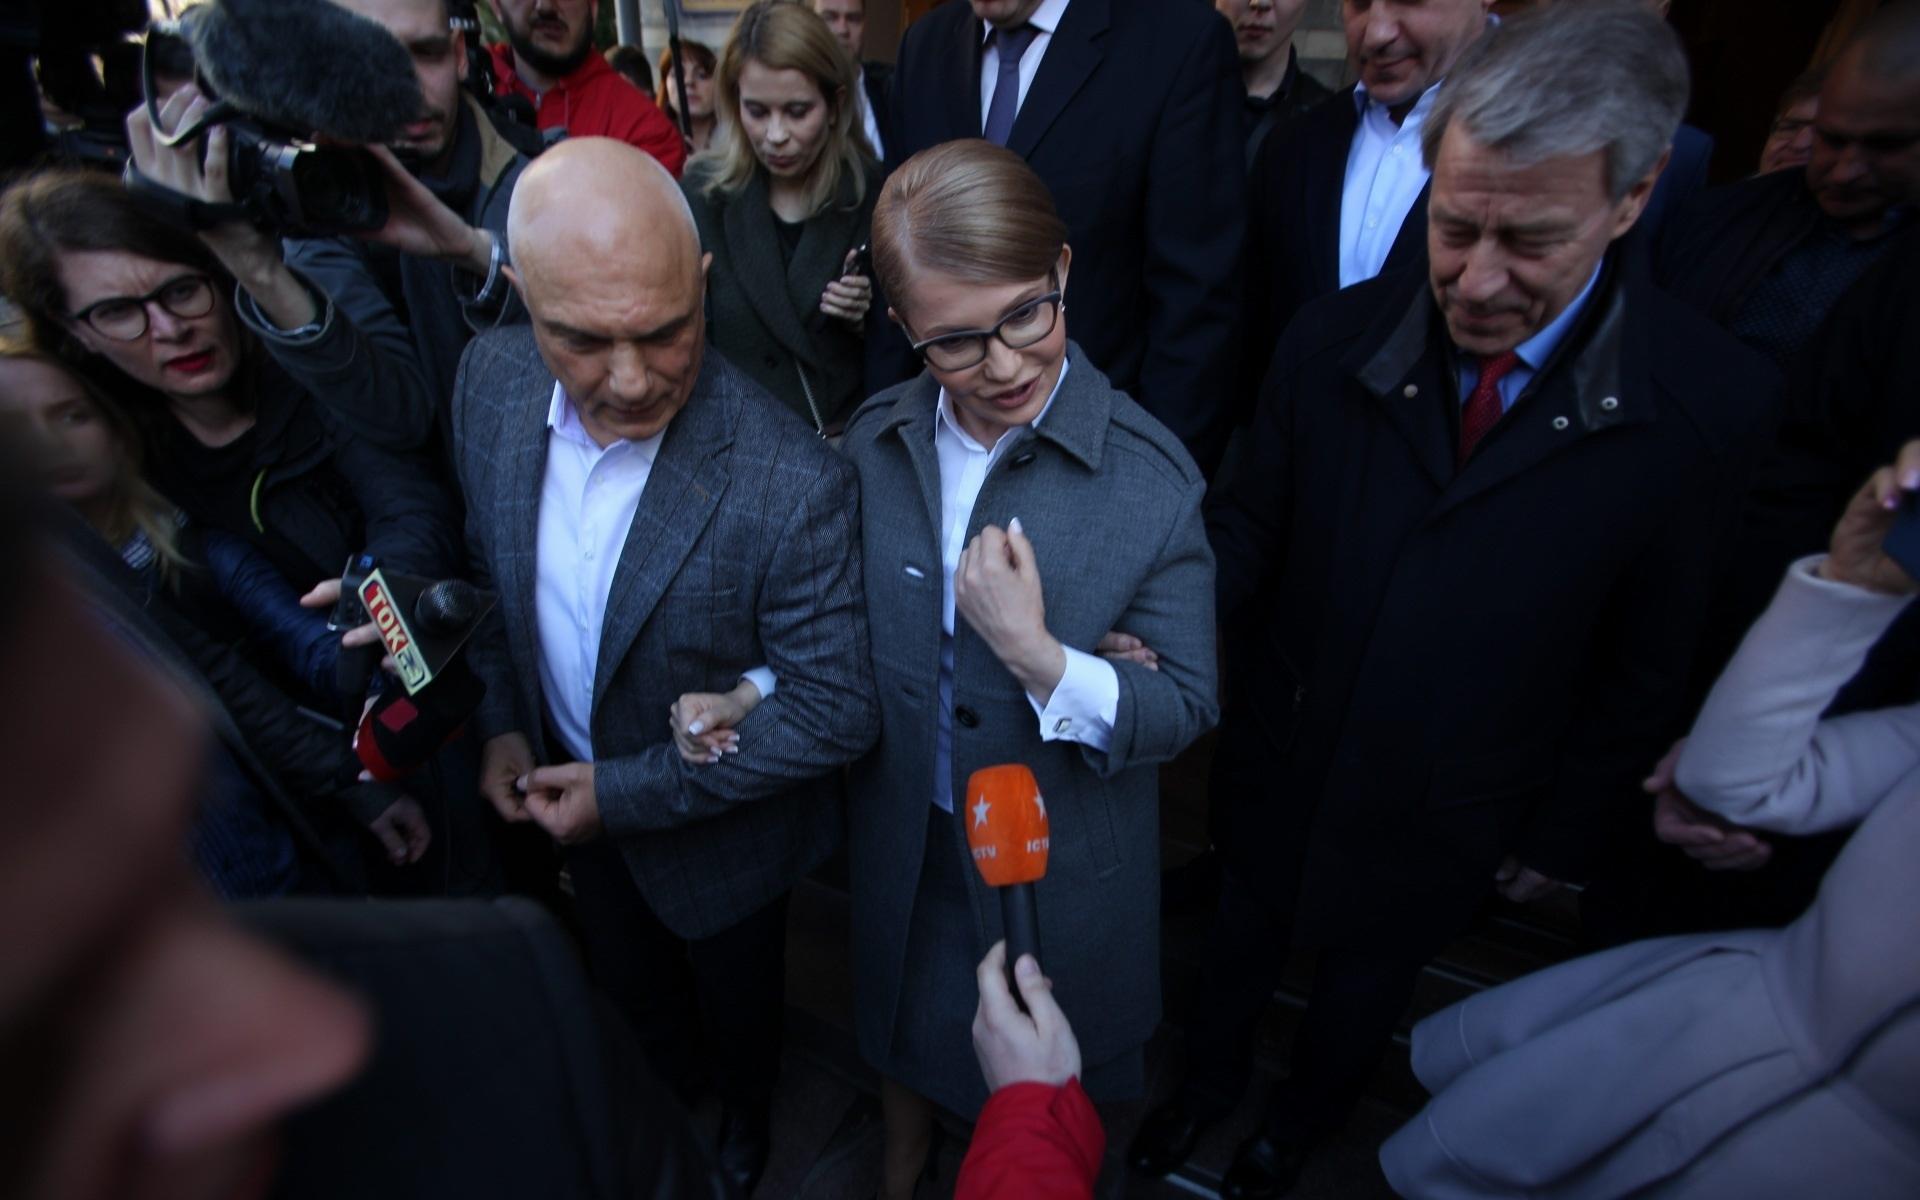 Тимошенко прийшла обирати майбутнього Президента України зі своїм чоловіком